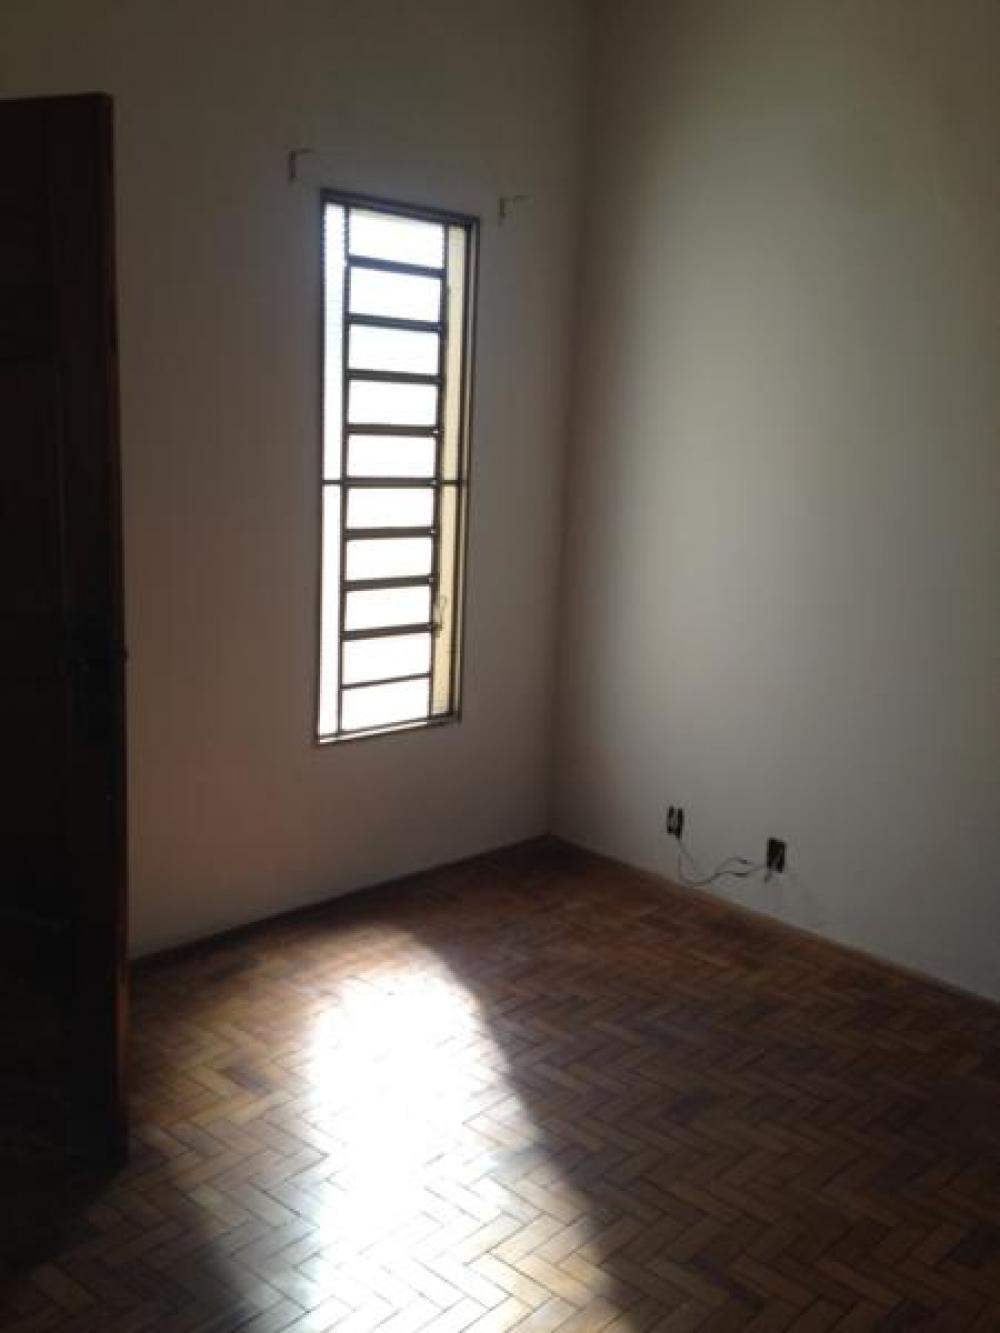 Comprar Casa / Padrão em SAO JOSE DO RIO PRETO apenas R$ 280.000,00 - Foto 12